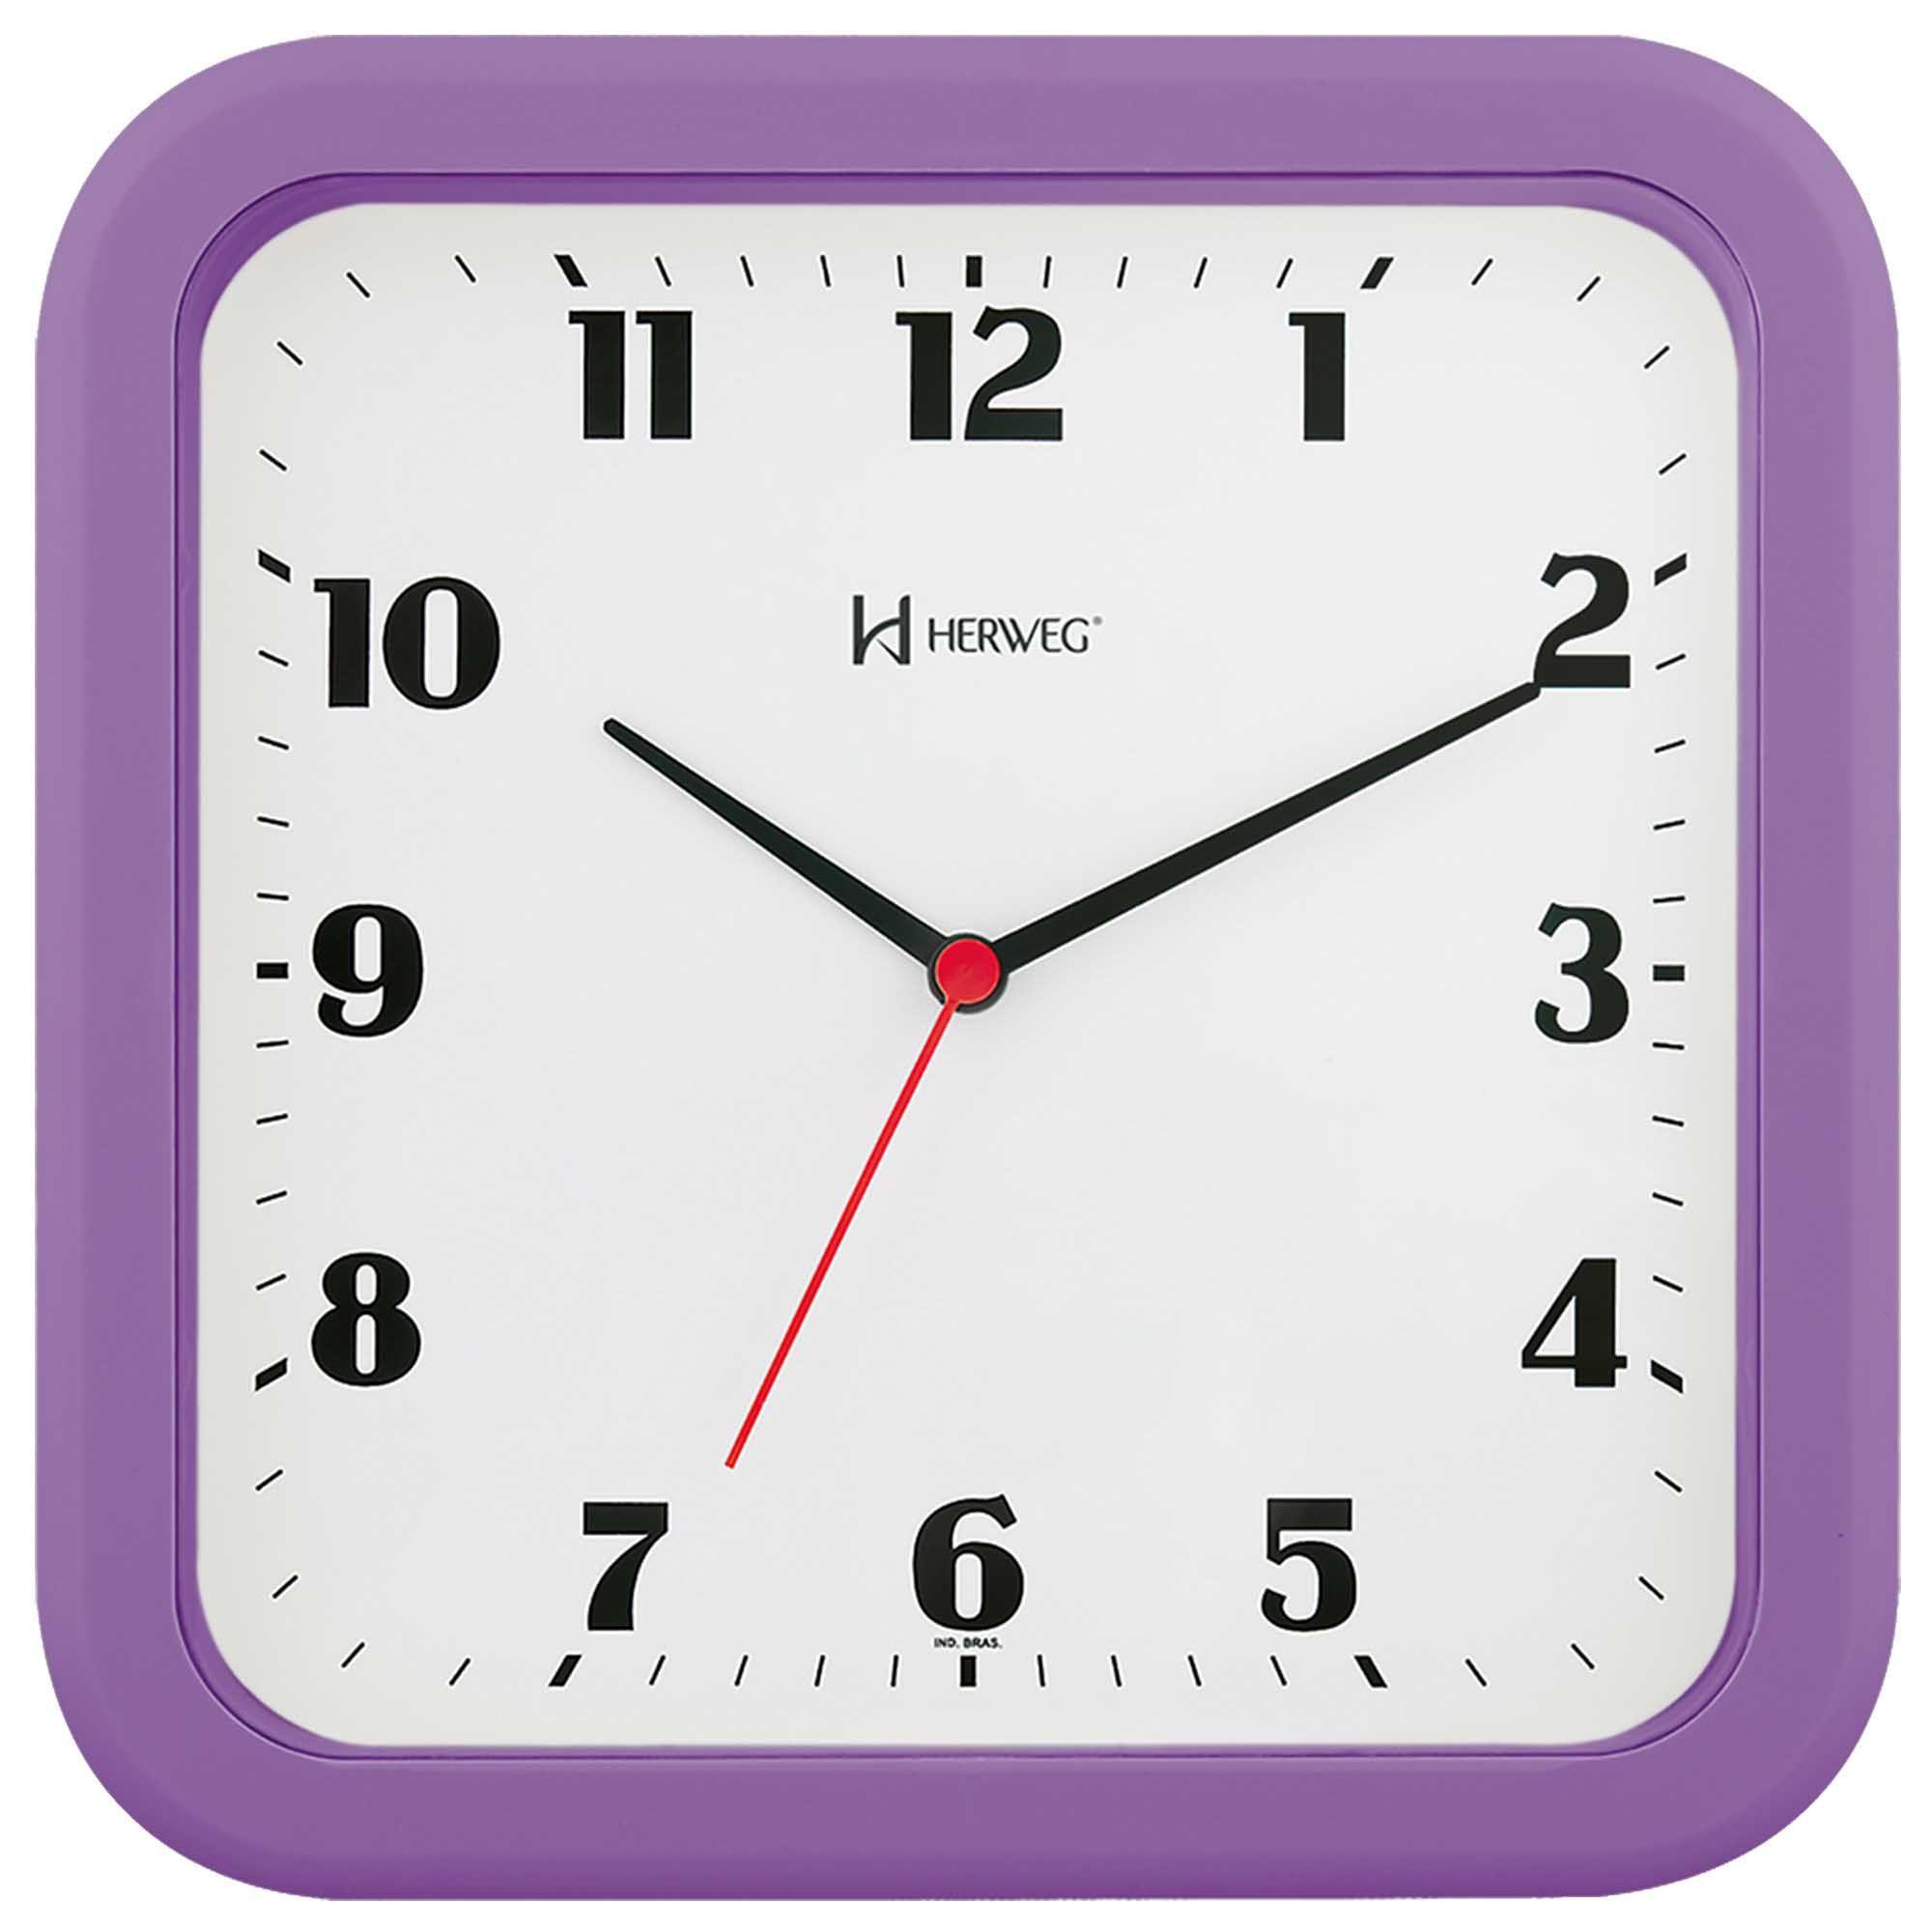 Relógio de Parede Analógico Herweg 6145 282 Violeta